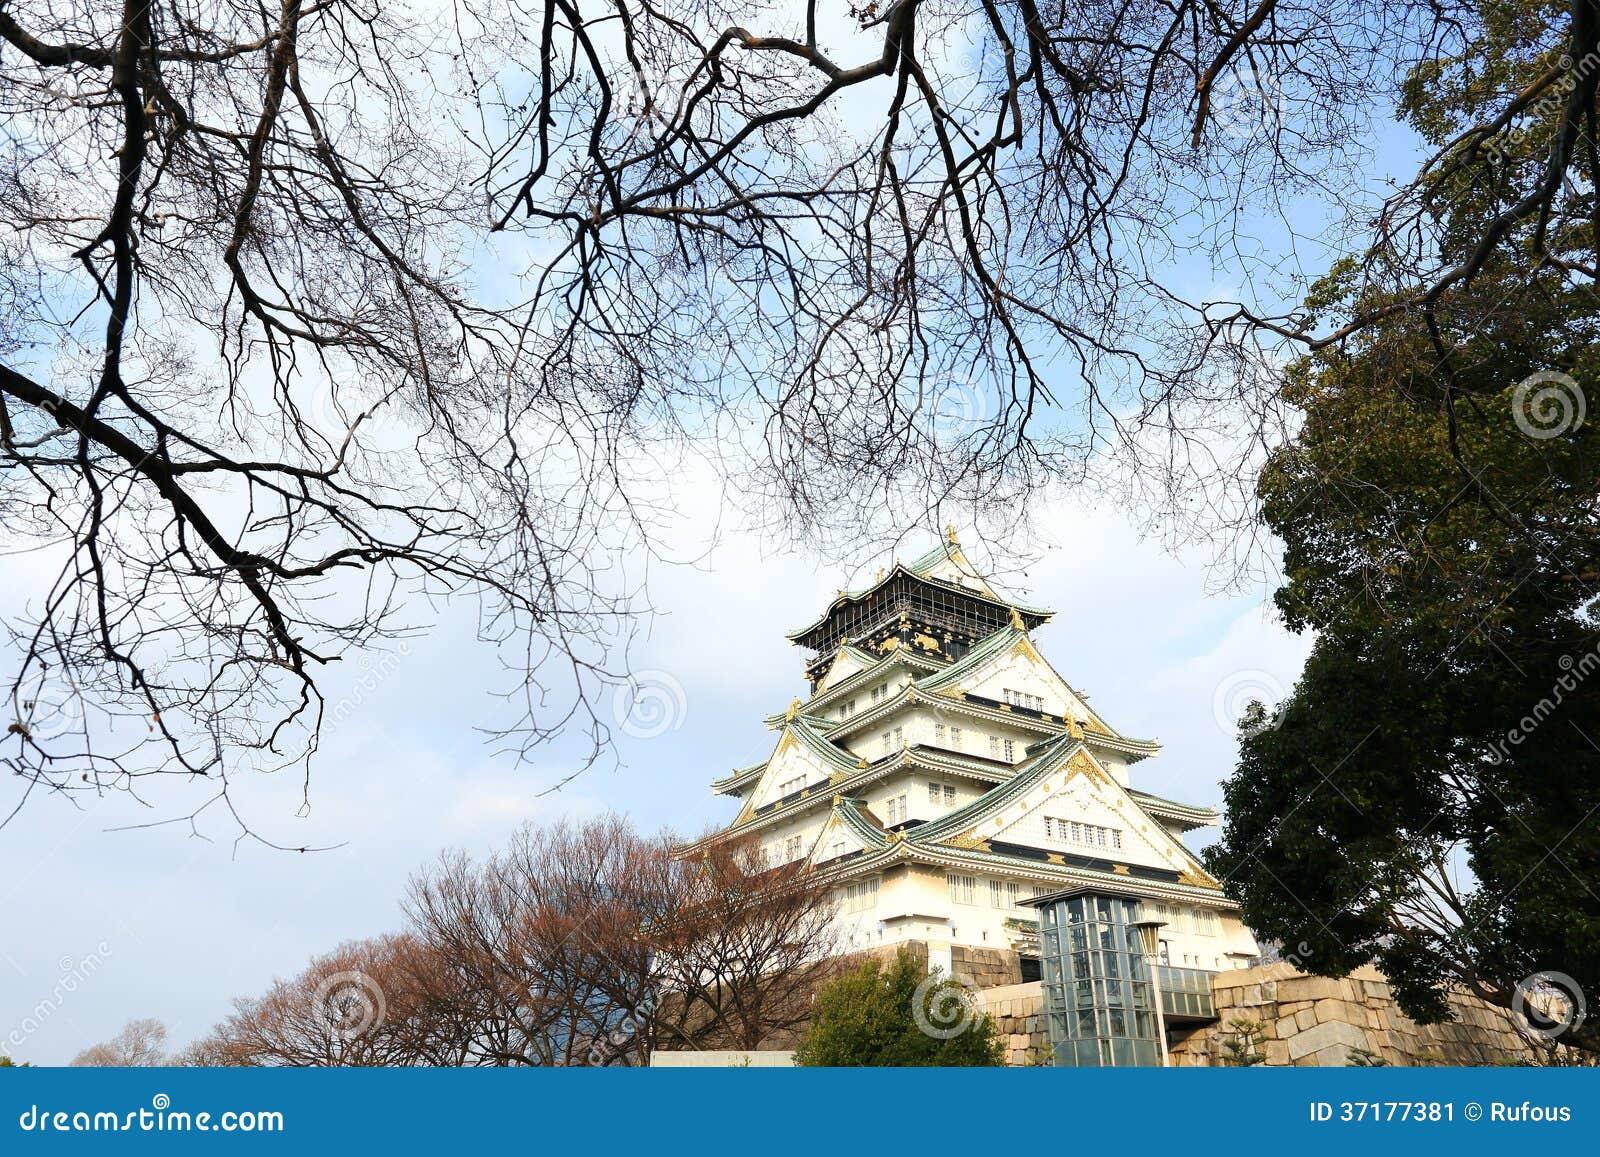 osaka castle in osaka japan stock image image 37177381. Black Bedroom Furniture Sets. Home Design Ideas